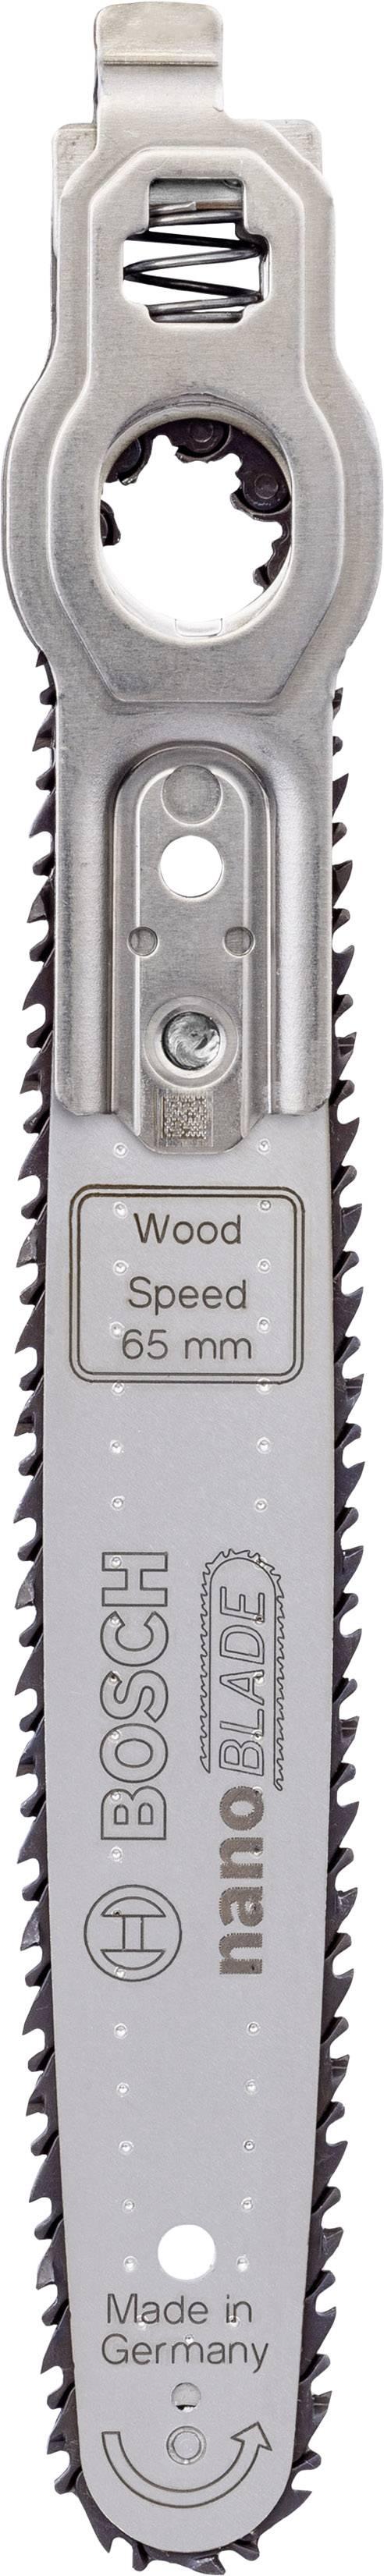 Bosch Accessories 2609256D86 Vhodné pro EasyCut 50, EasyCut 12, AdvancedCut 50